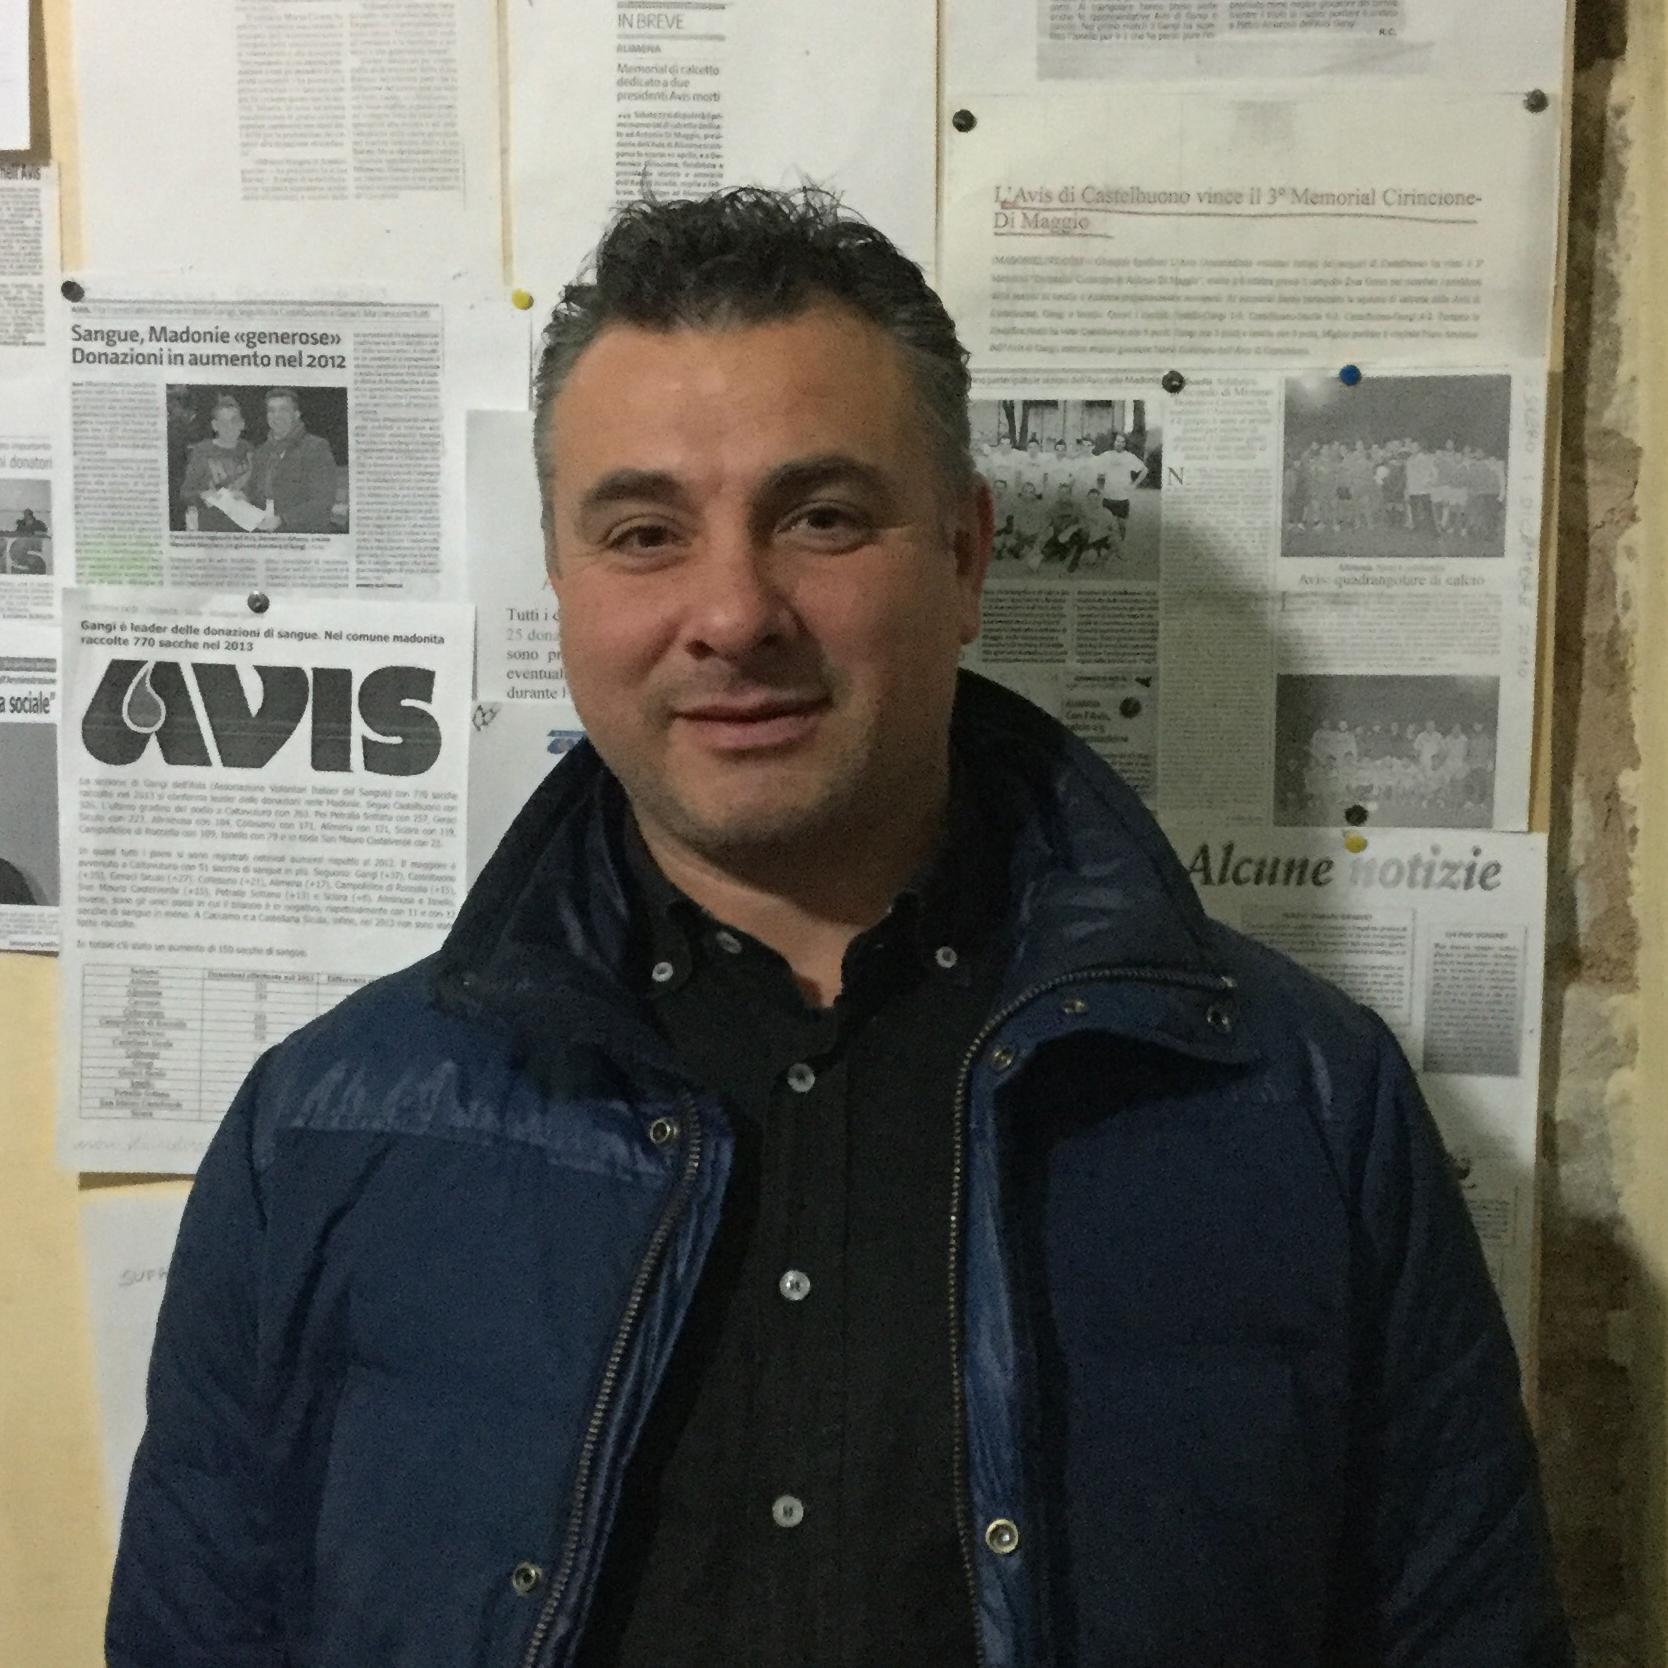 Antonio Fiasconaro